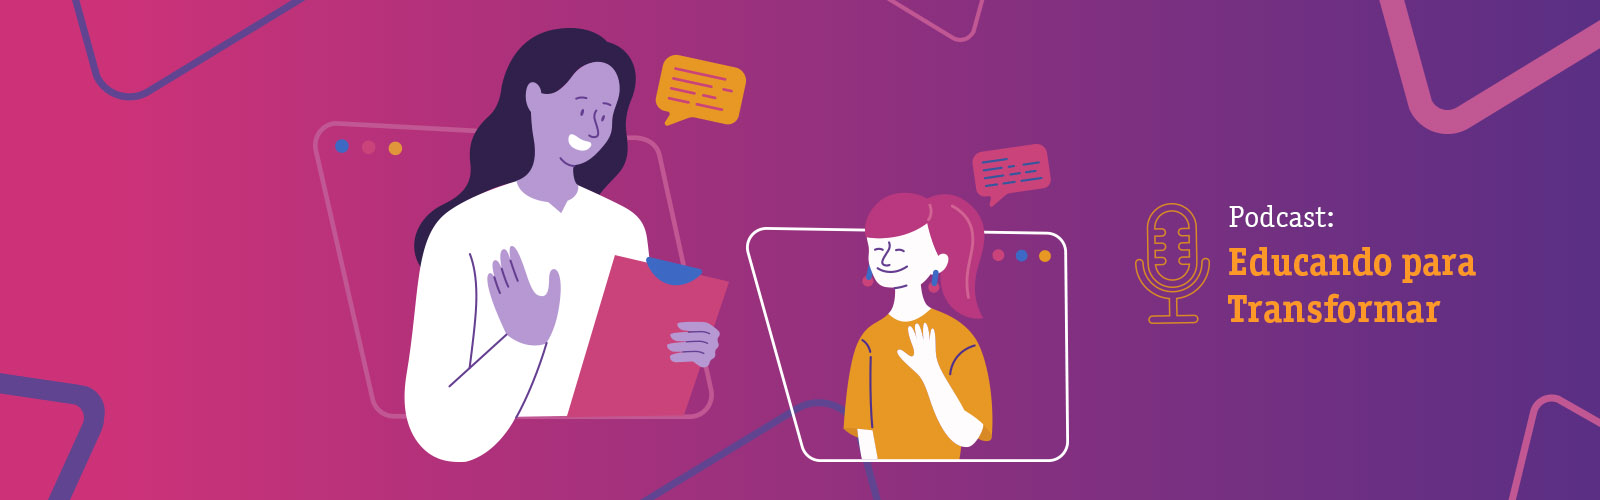 Ilustração colorida com o desenho de duas mulheres, ao lado direito se lê: Podcast